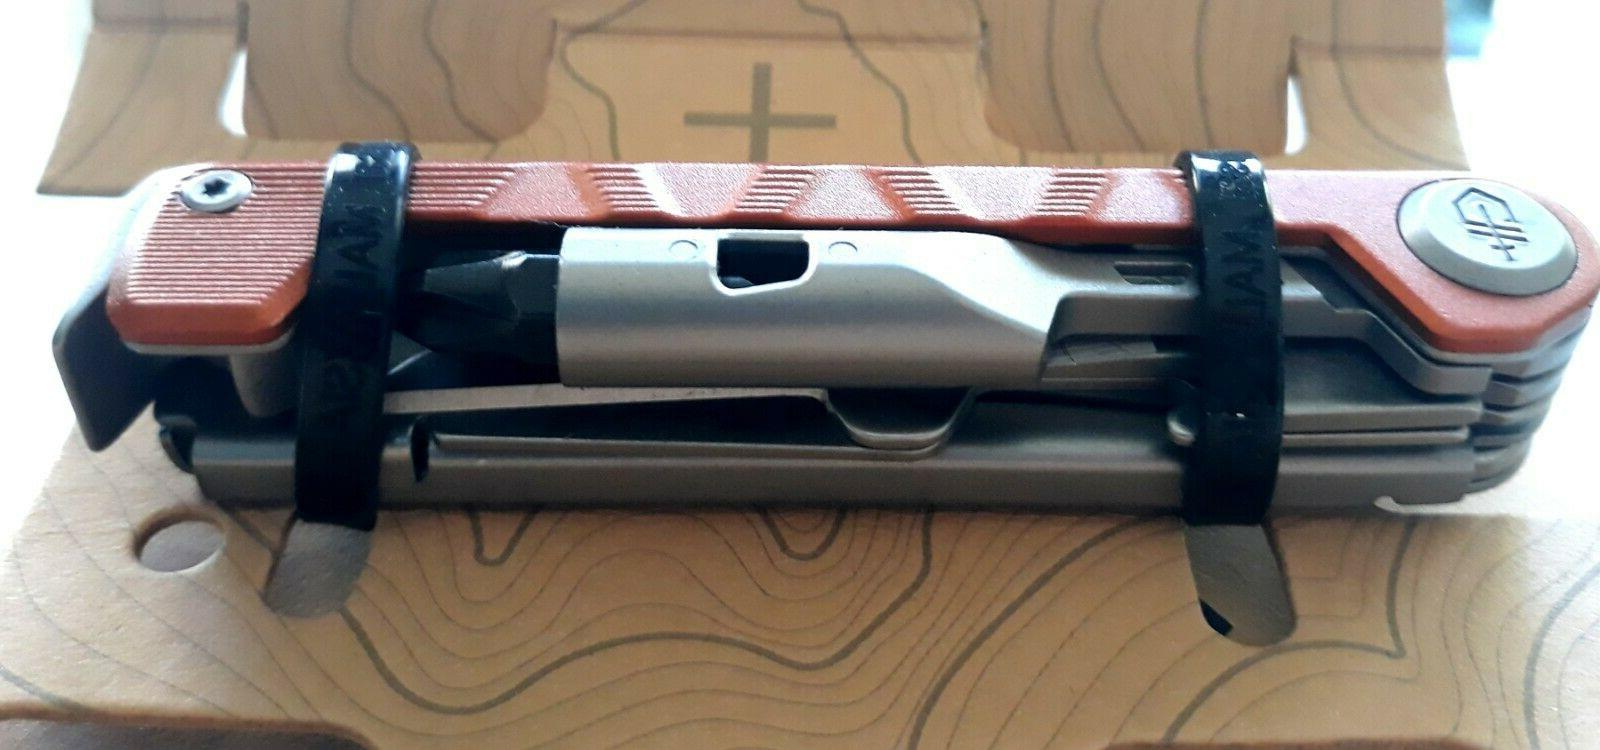 GERBER Armbar DRIVE Multi-Tool Folding